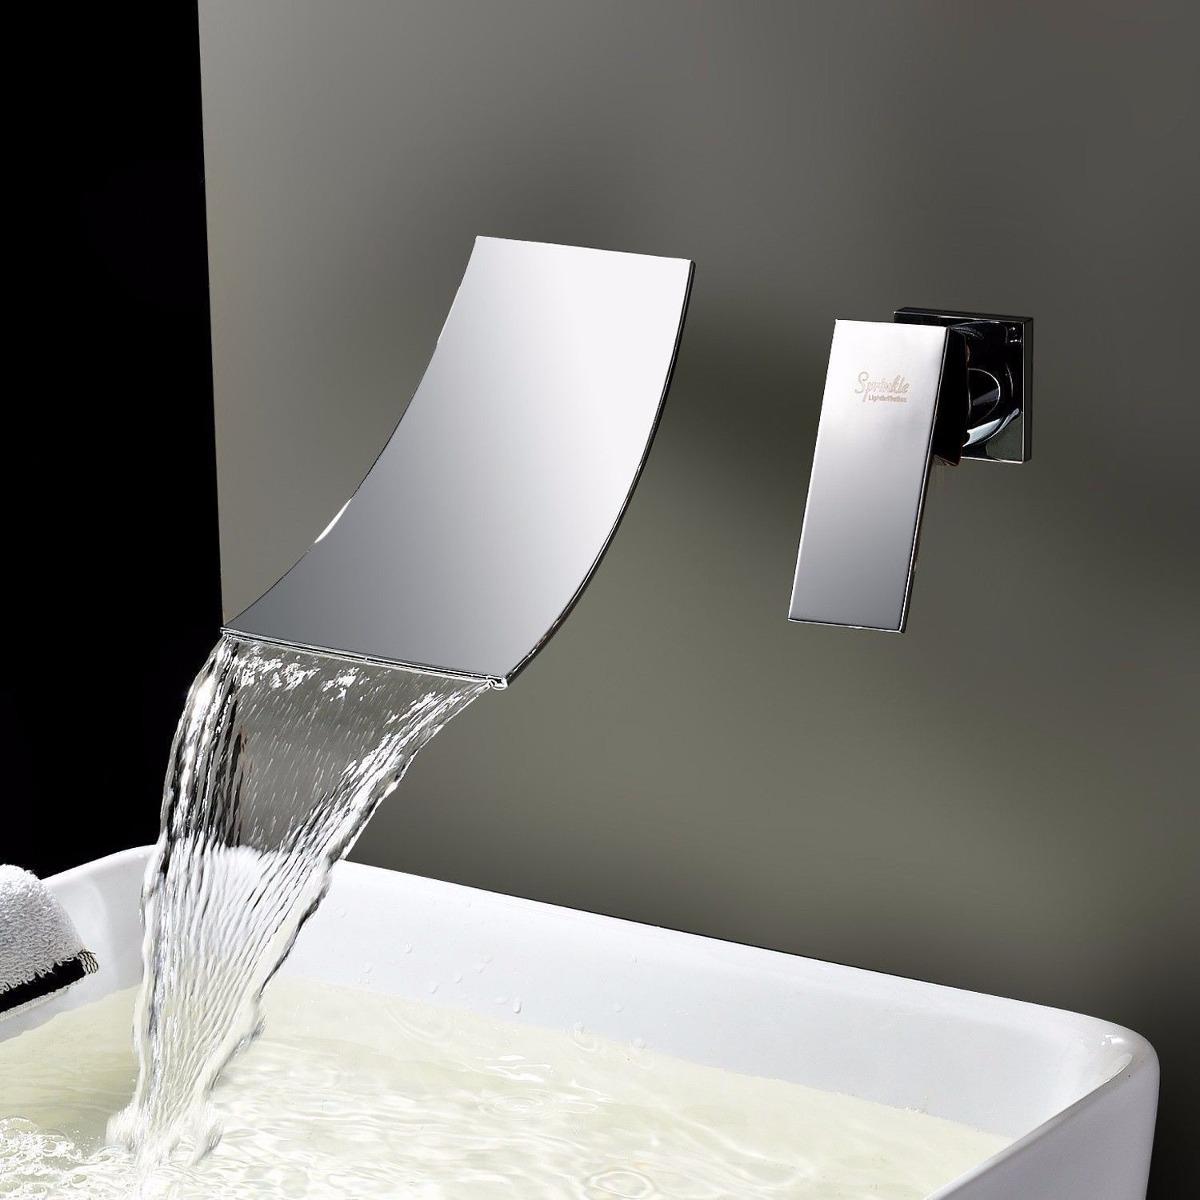 Griferia Para Baño En Mercado Libre: Baño O Tina Mezcladora Monomando Muro – $ 1,97400 en Mercado Libre